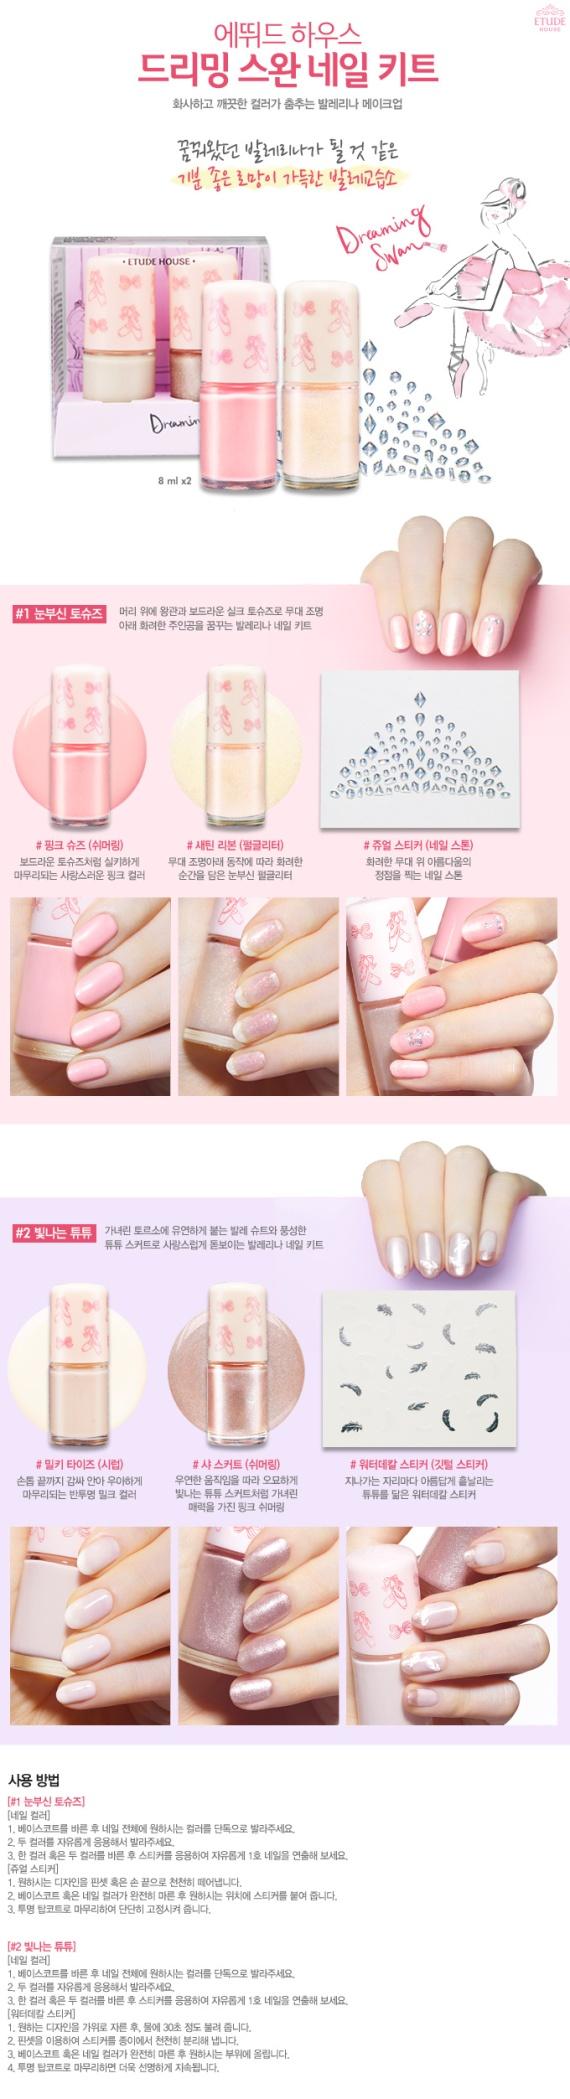 ds nail kit 1